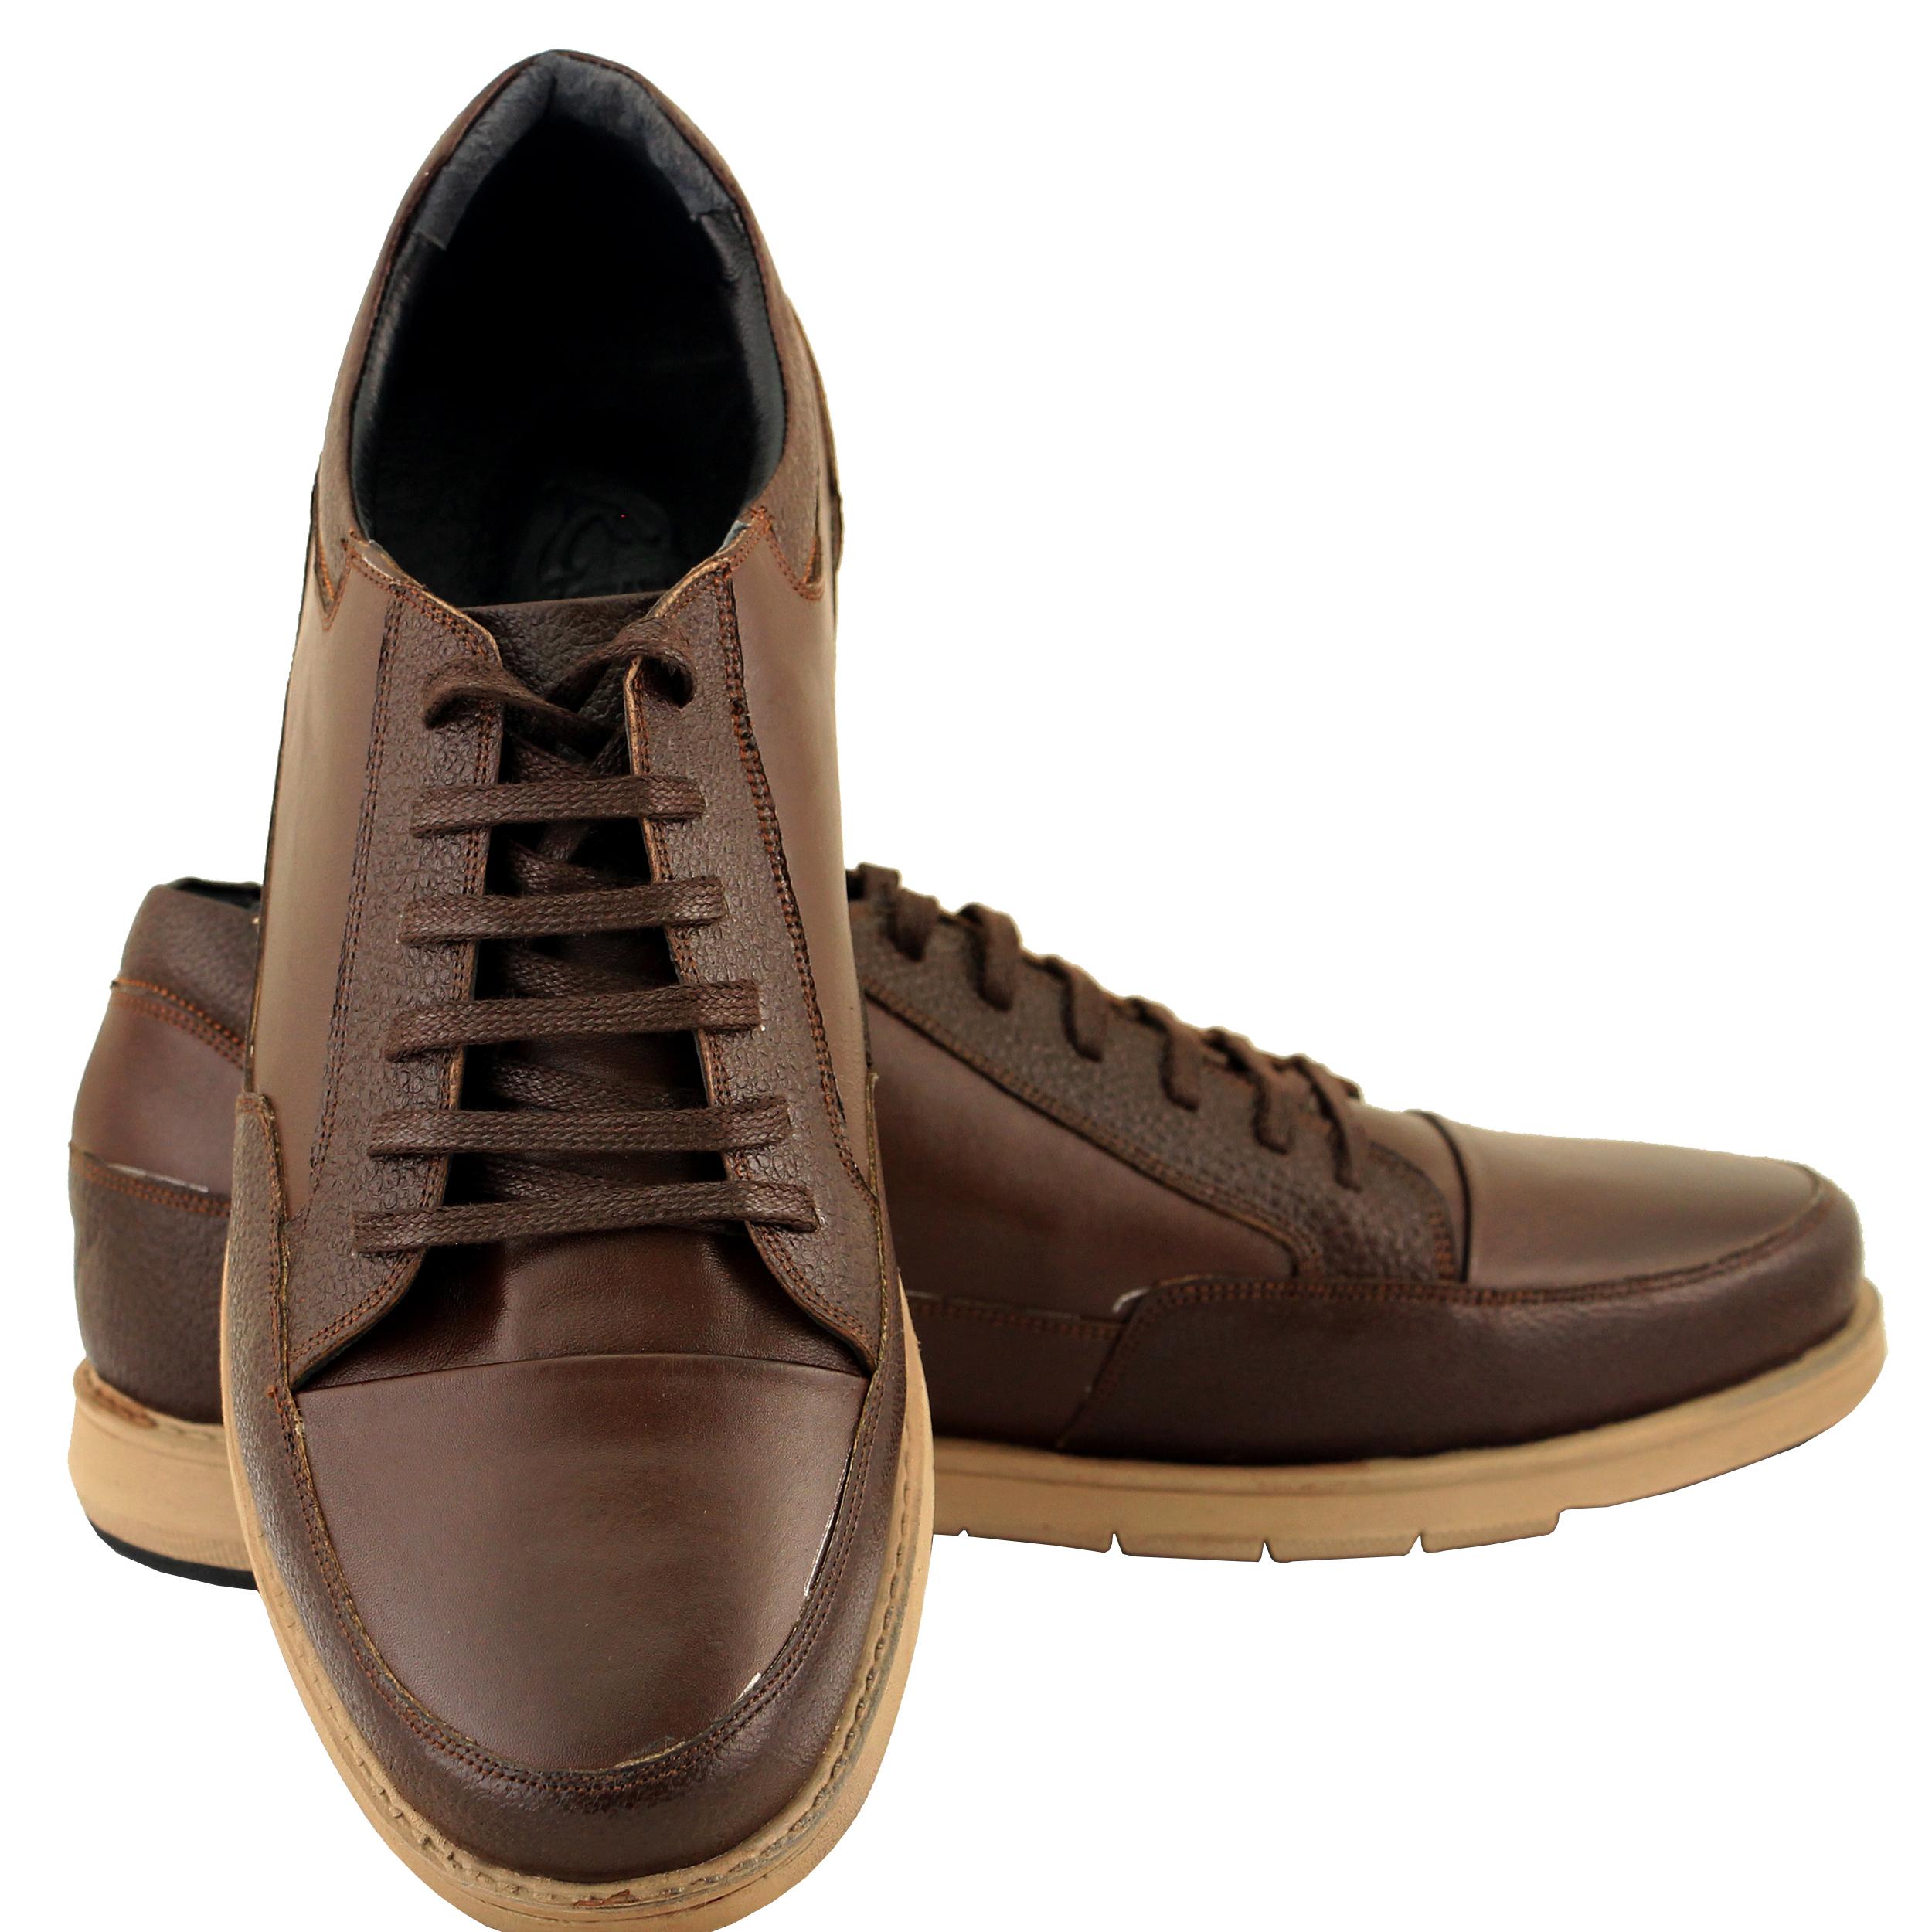 ADINCHARM leather men's casual shoes,DK103.qa Model